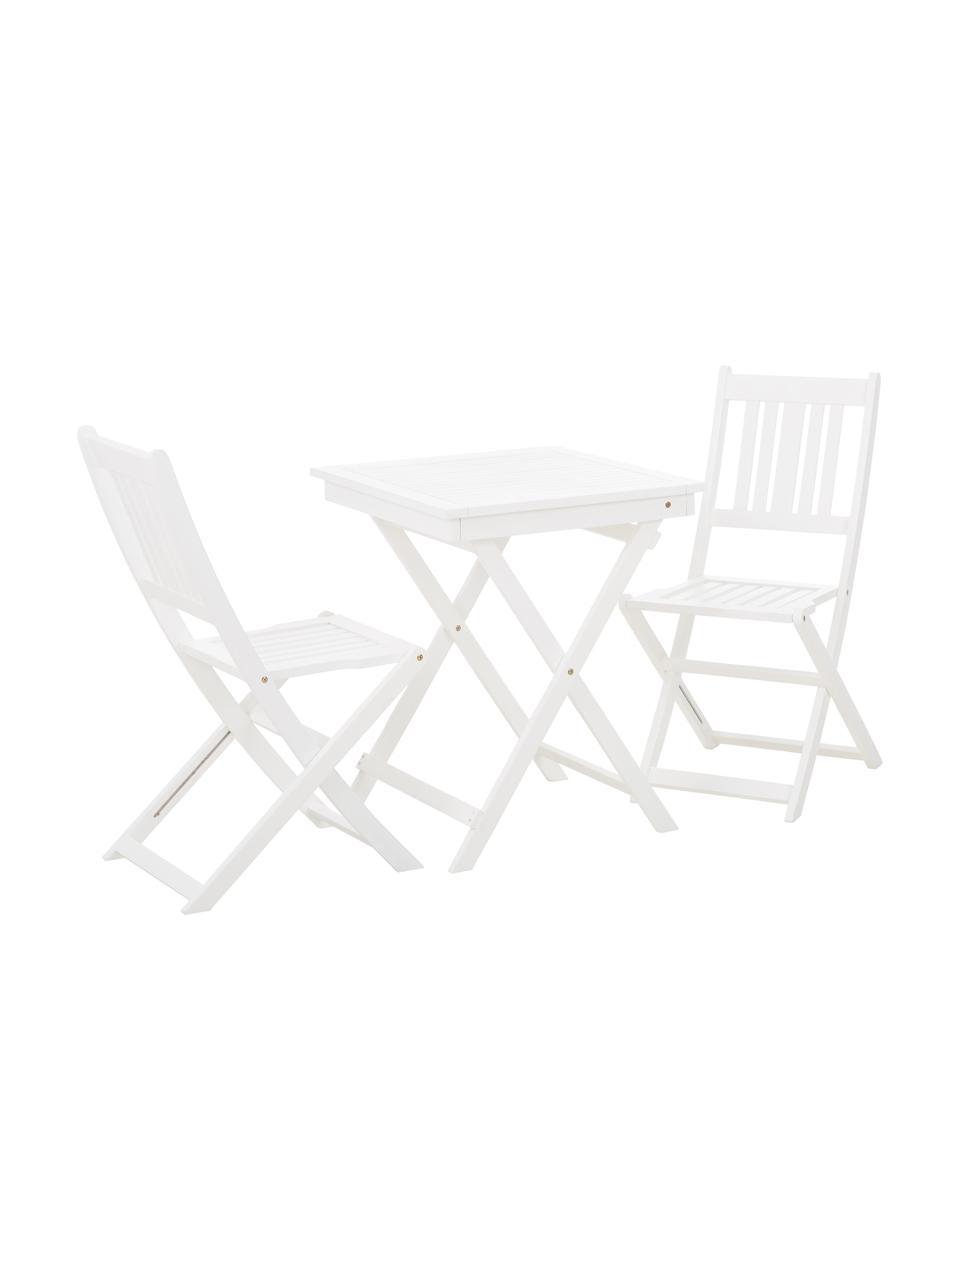 Tuinmeubelset Skyler van acaciahout, 3-delig, Wit, Set met verschillende formaten